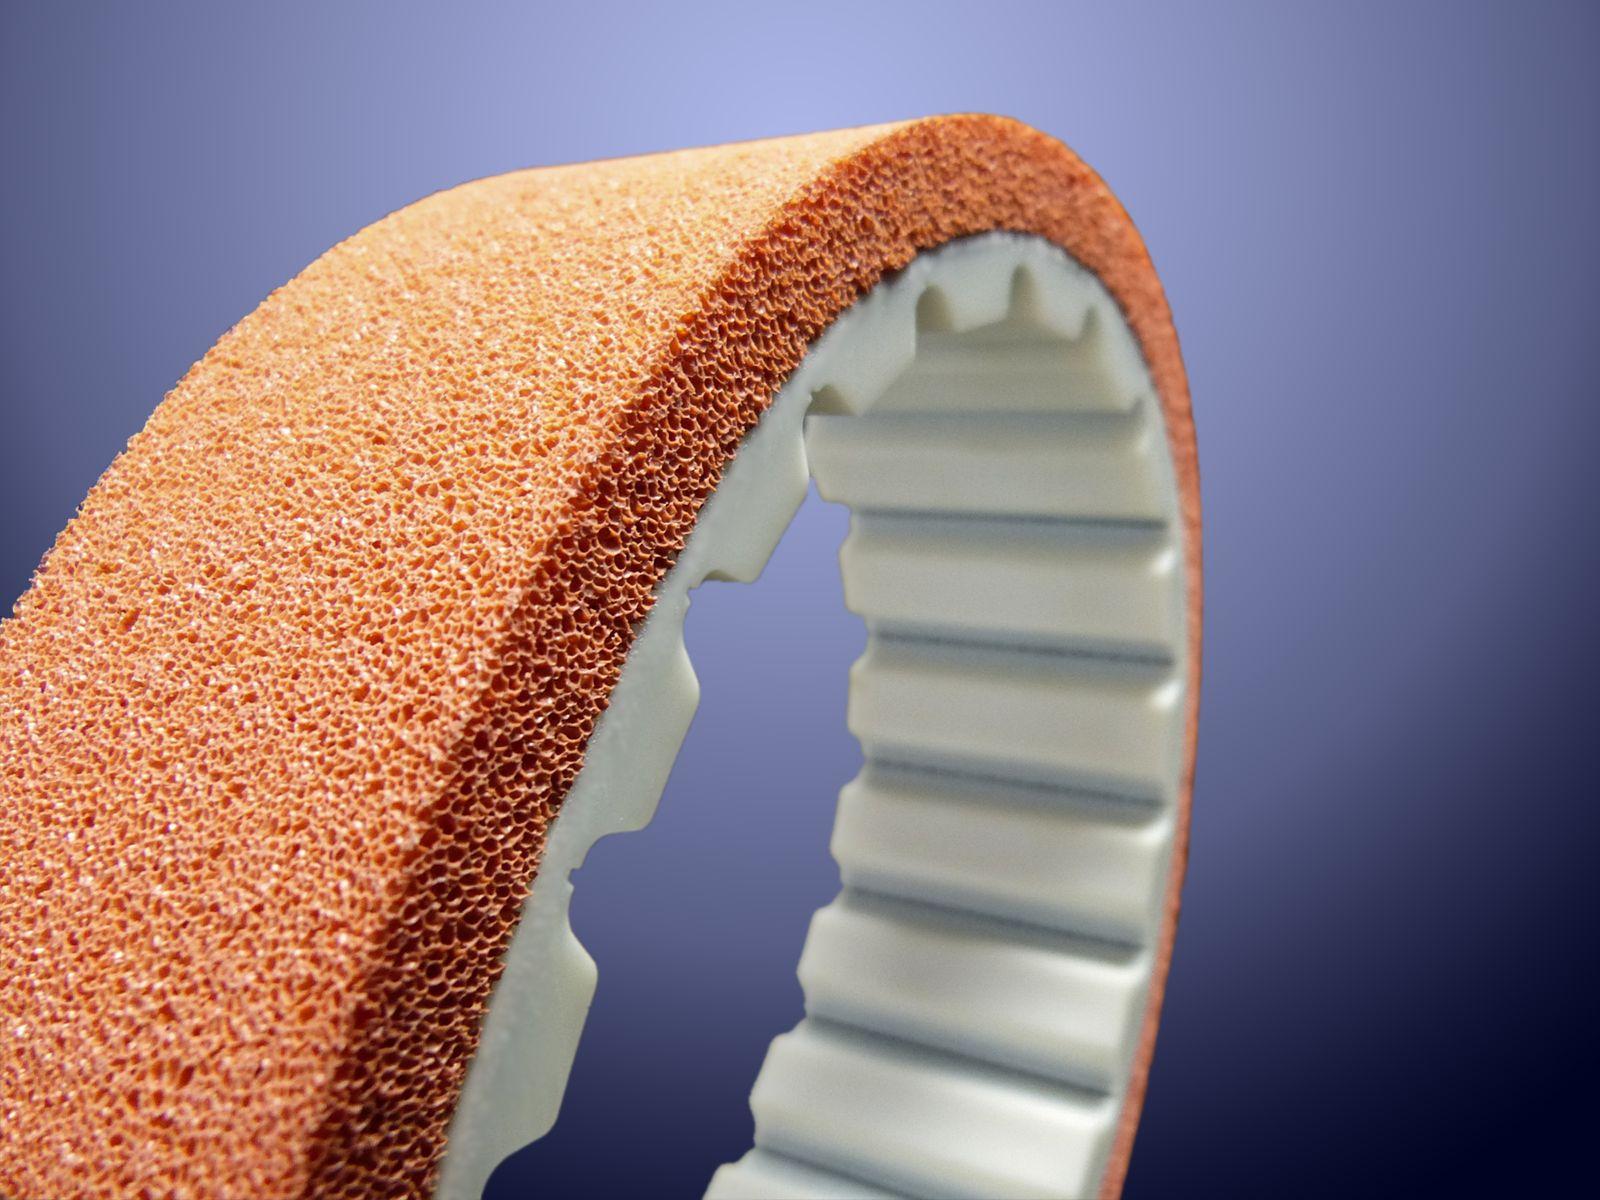 Cinghia dentata AT10 con gomma geranio con cellule porosità media